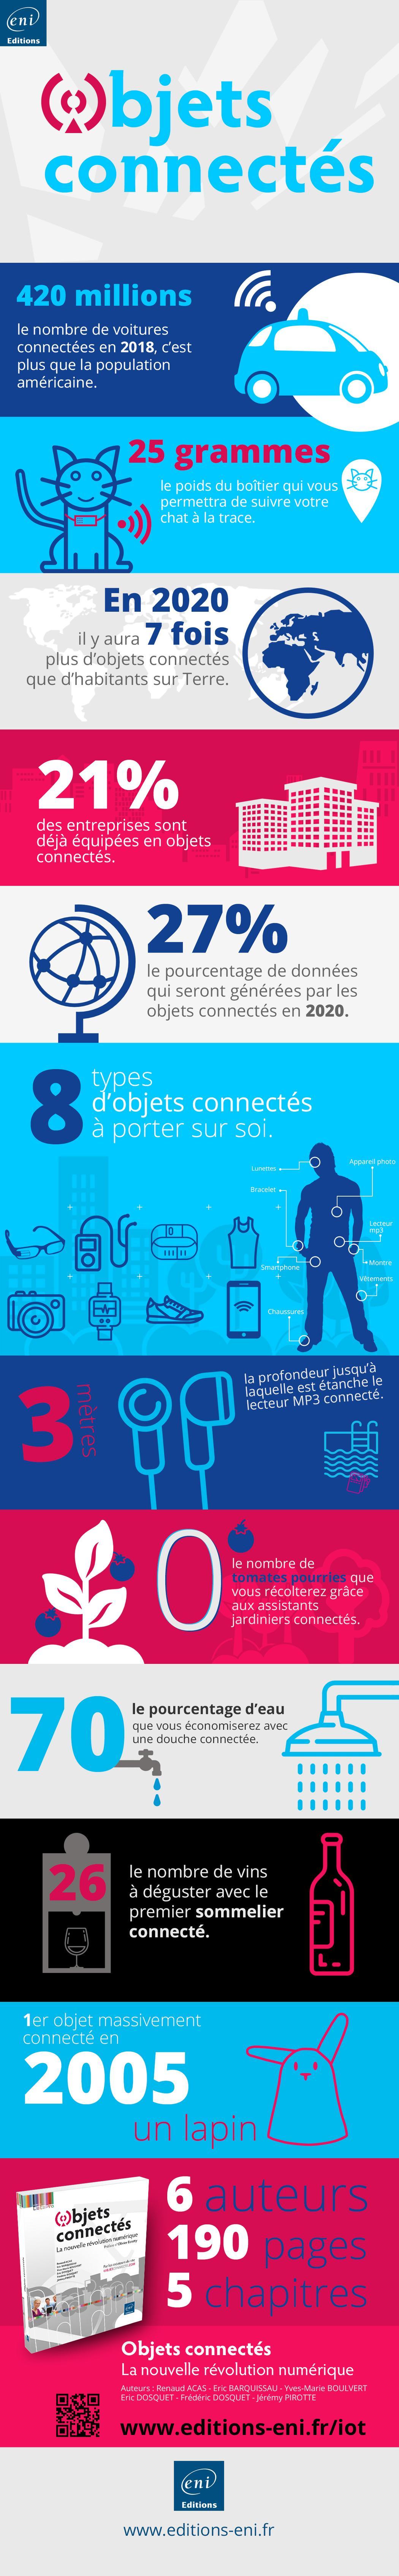 objets connectes infographie